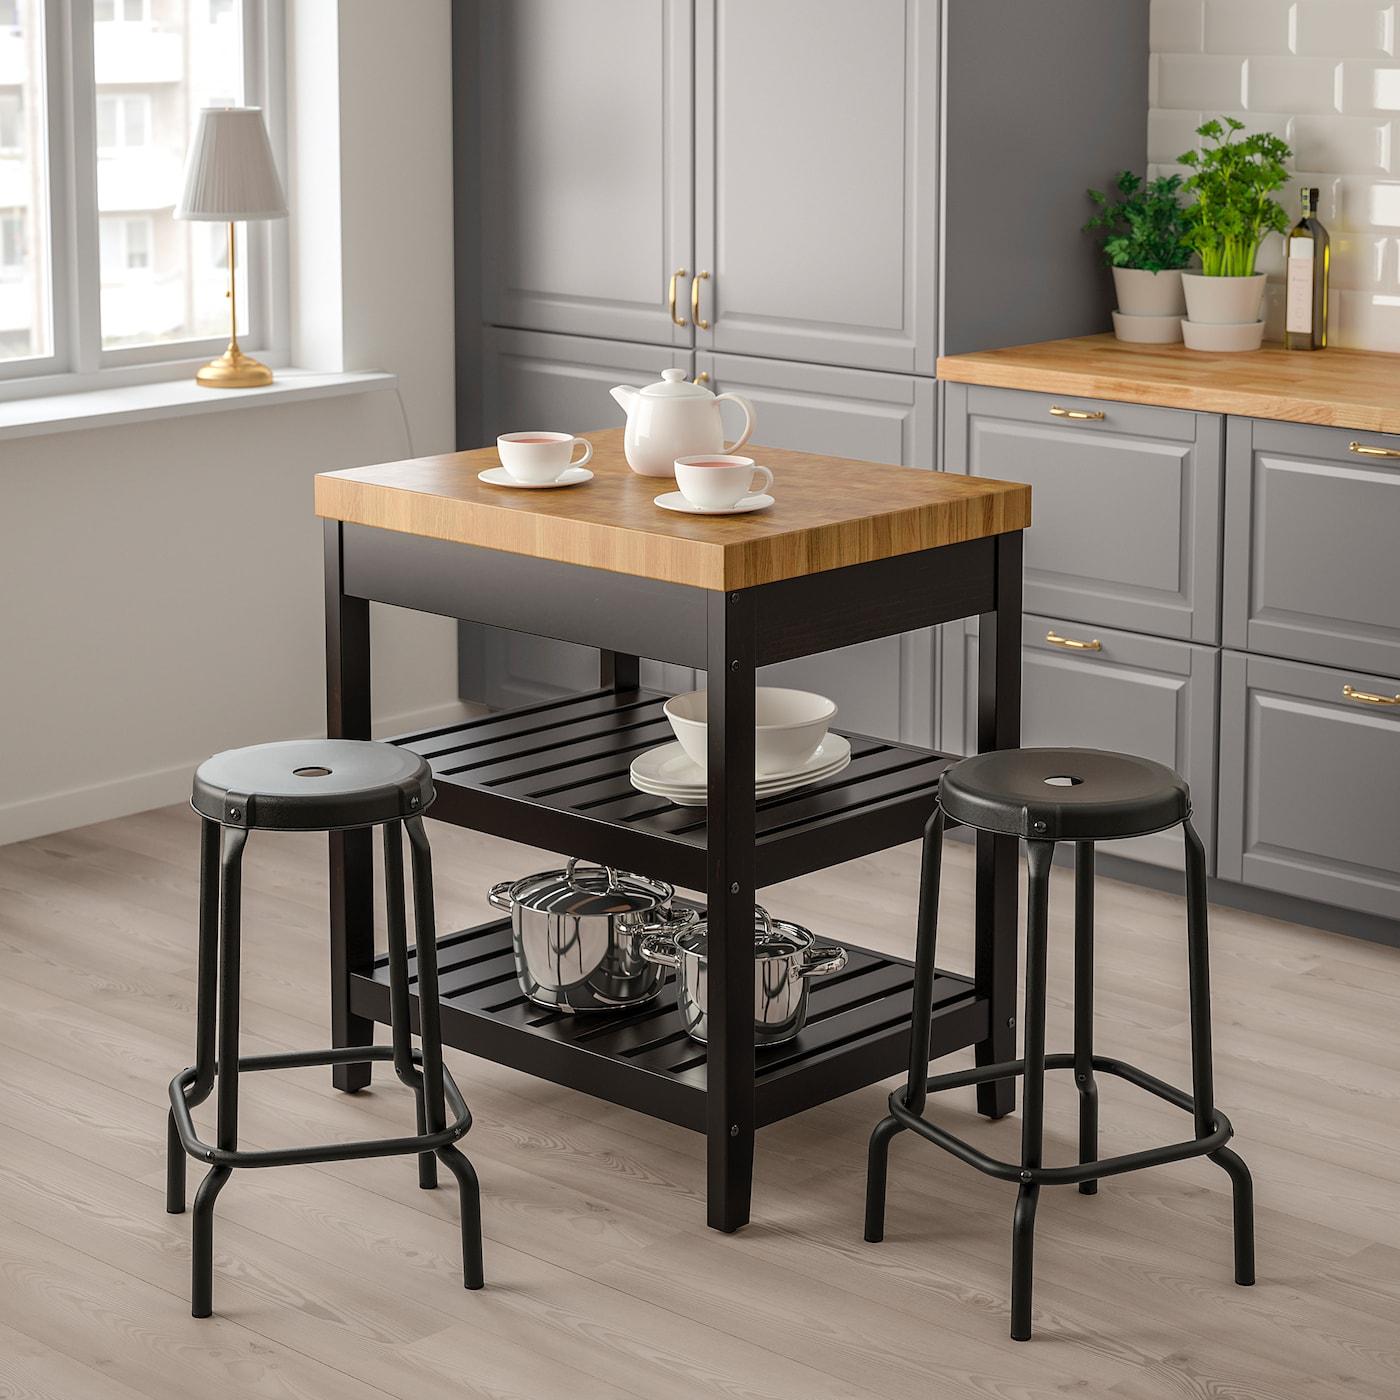 VADHOLMA kitchen island black/oak 79 cm 62.5 cm 90 cm